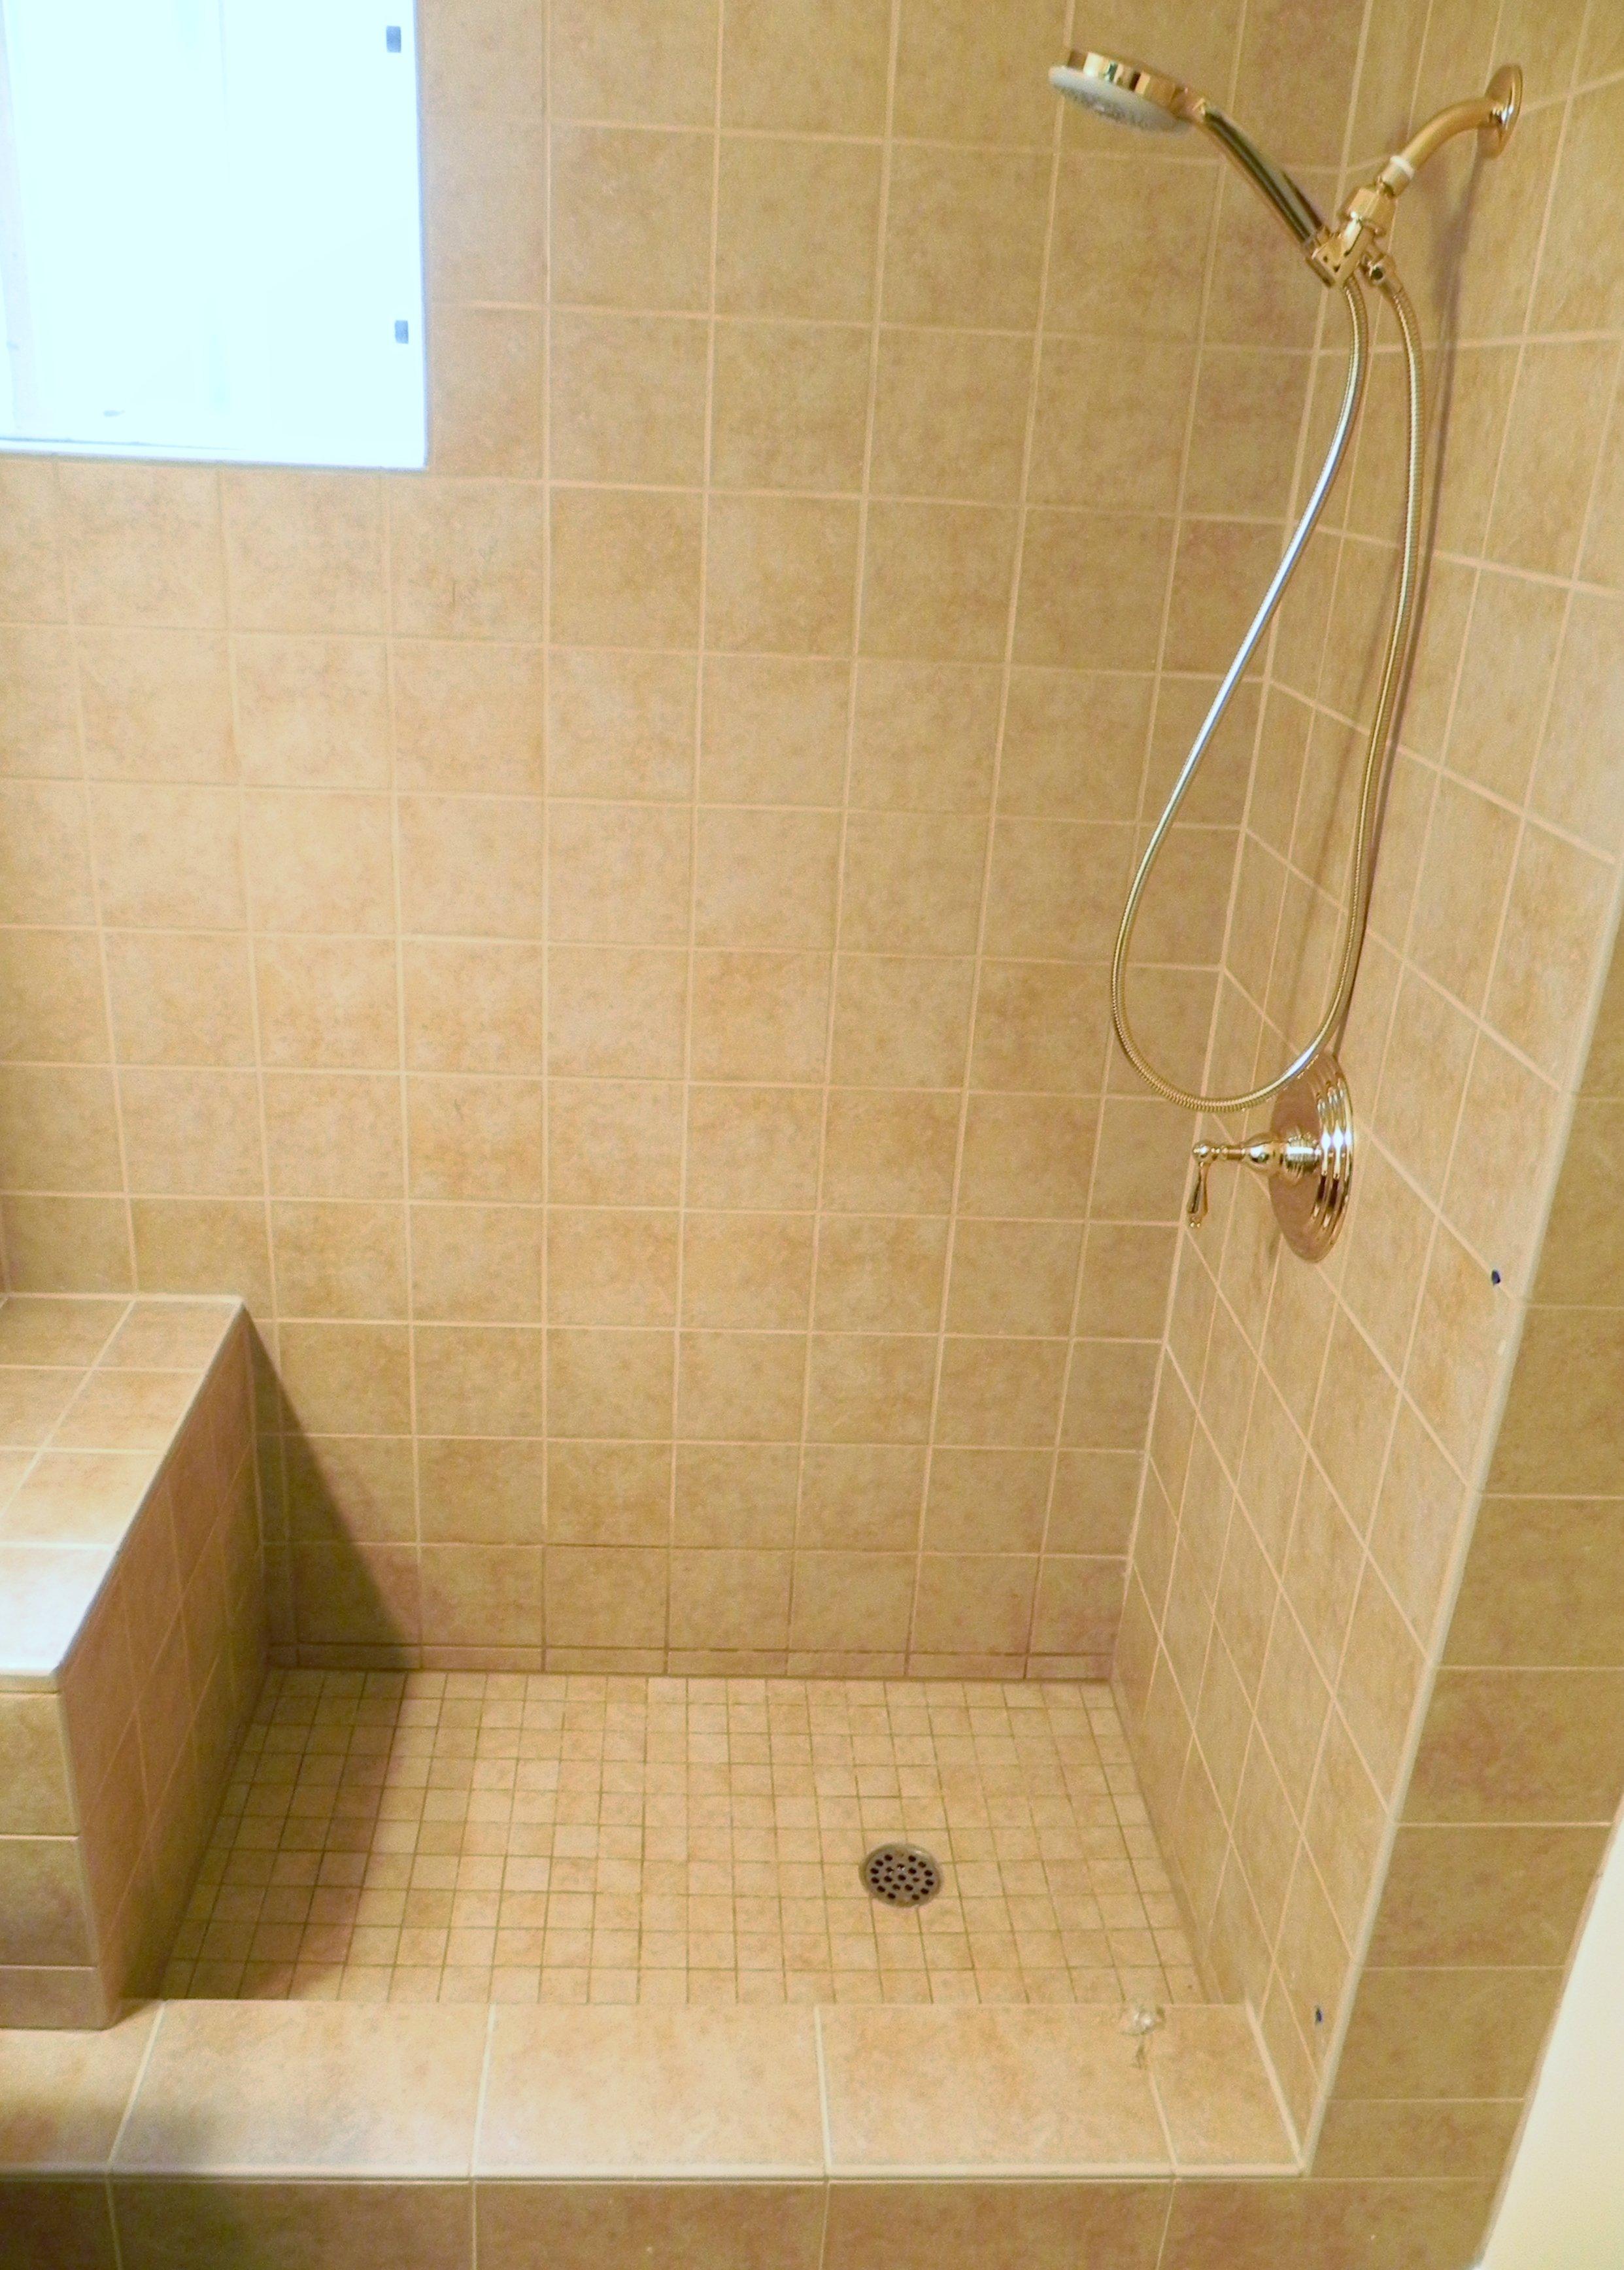 Tiled Shower Stalls >> Bathroom Remodel: 3 Walk In Shower Design Ideas